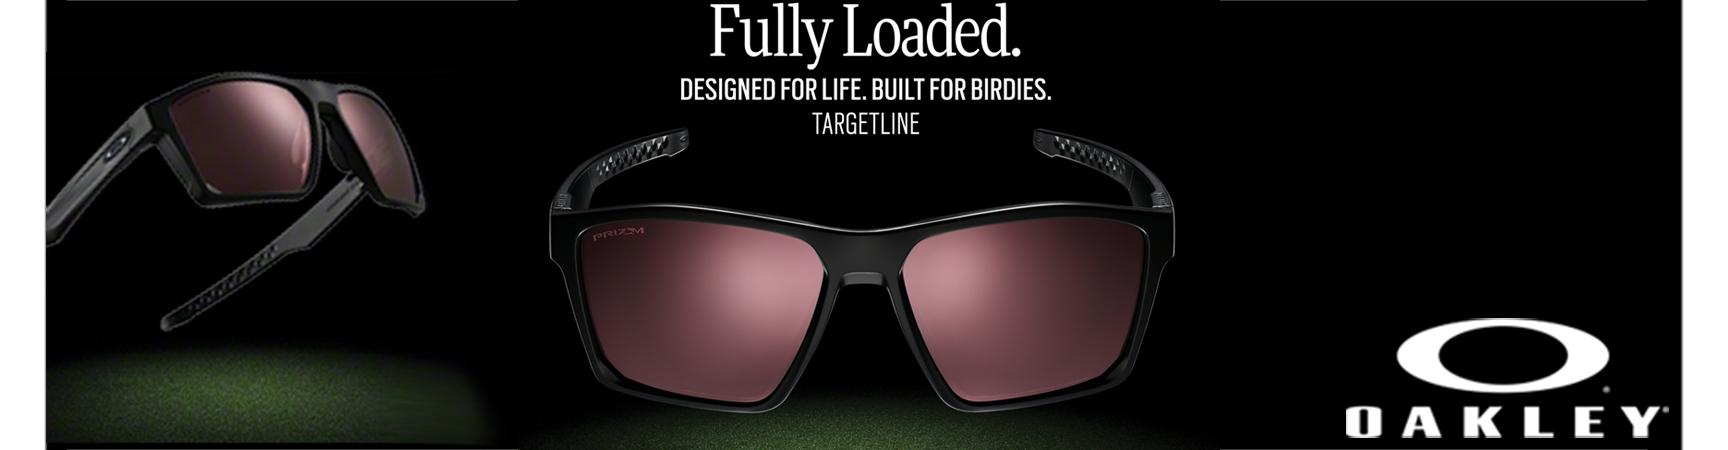 Target Line Golfbril